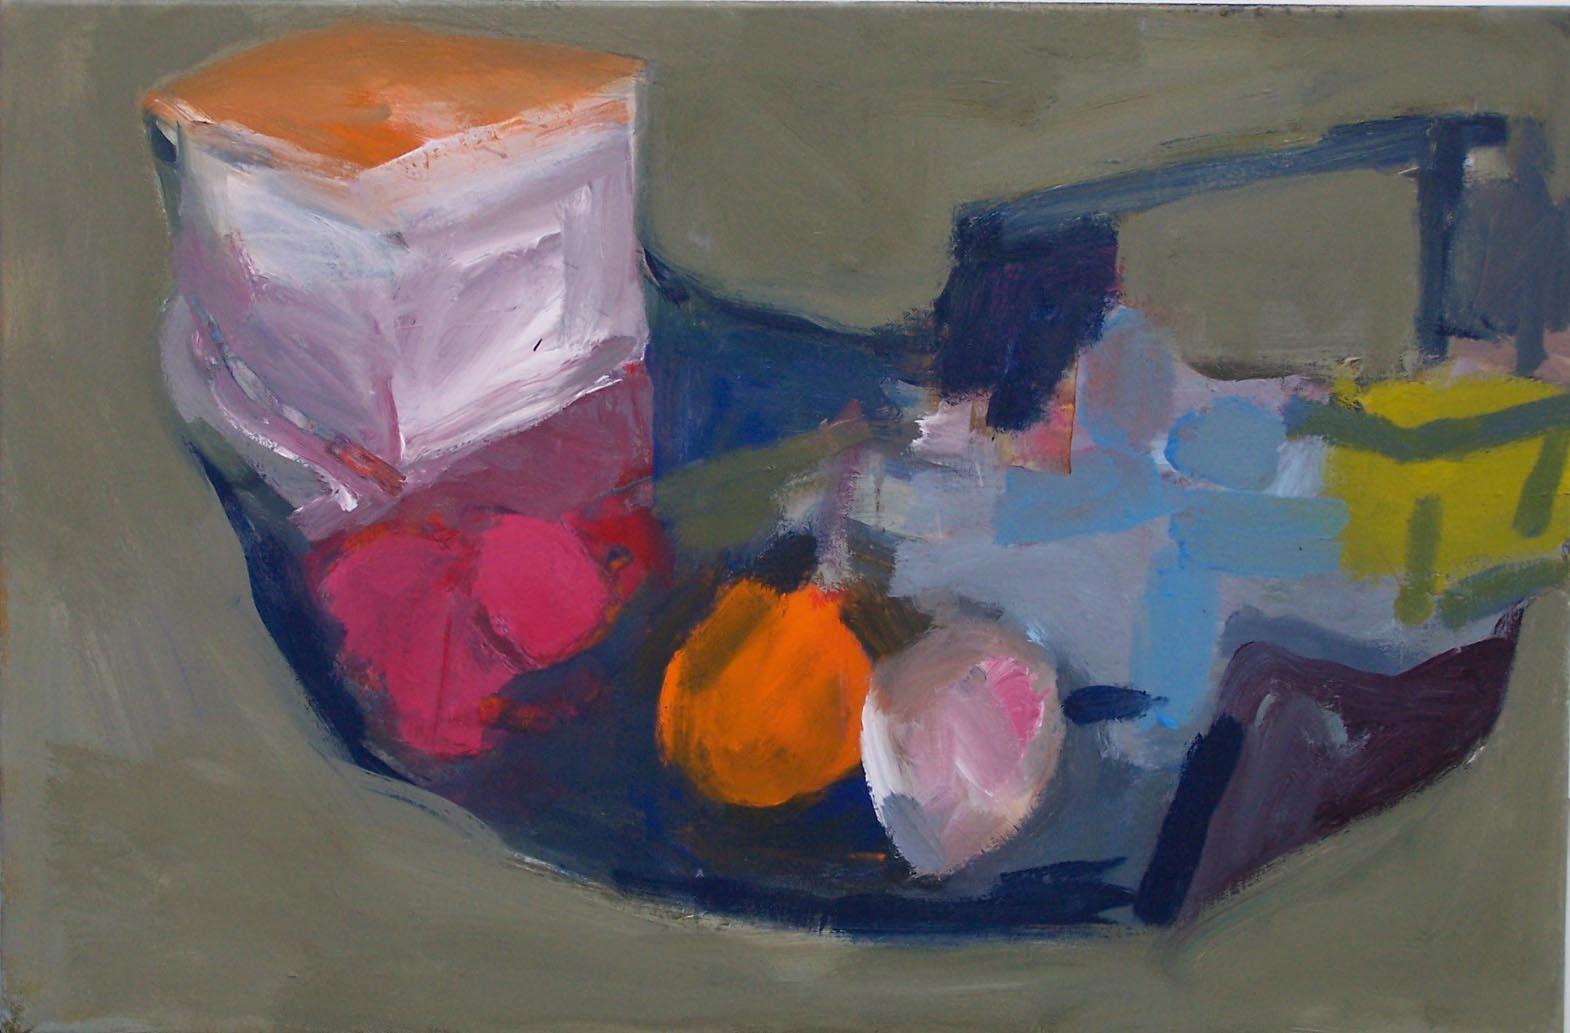 Blue Trawler, 2006